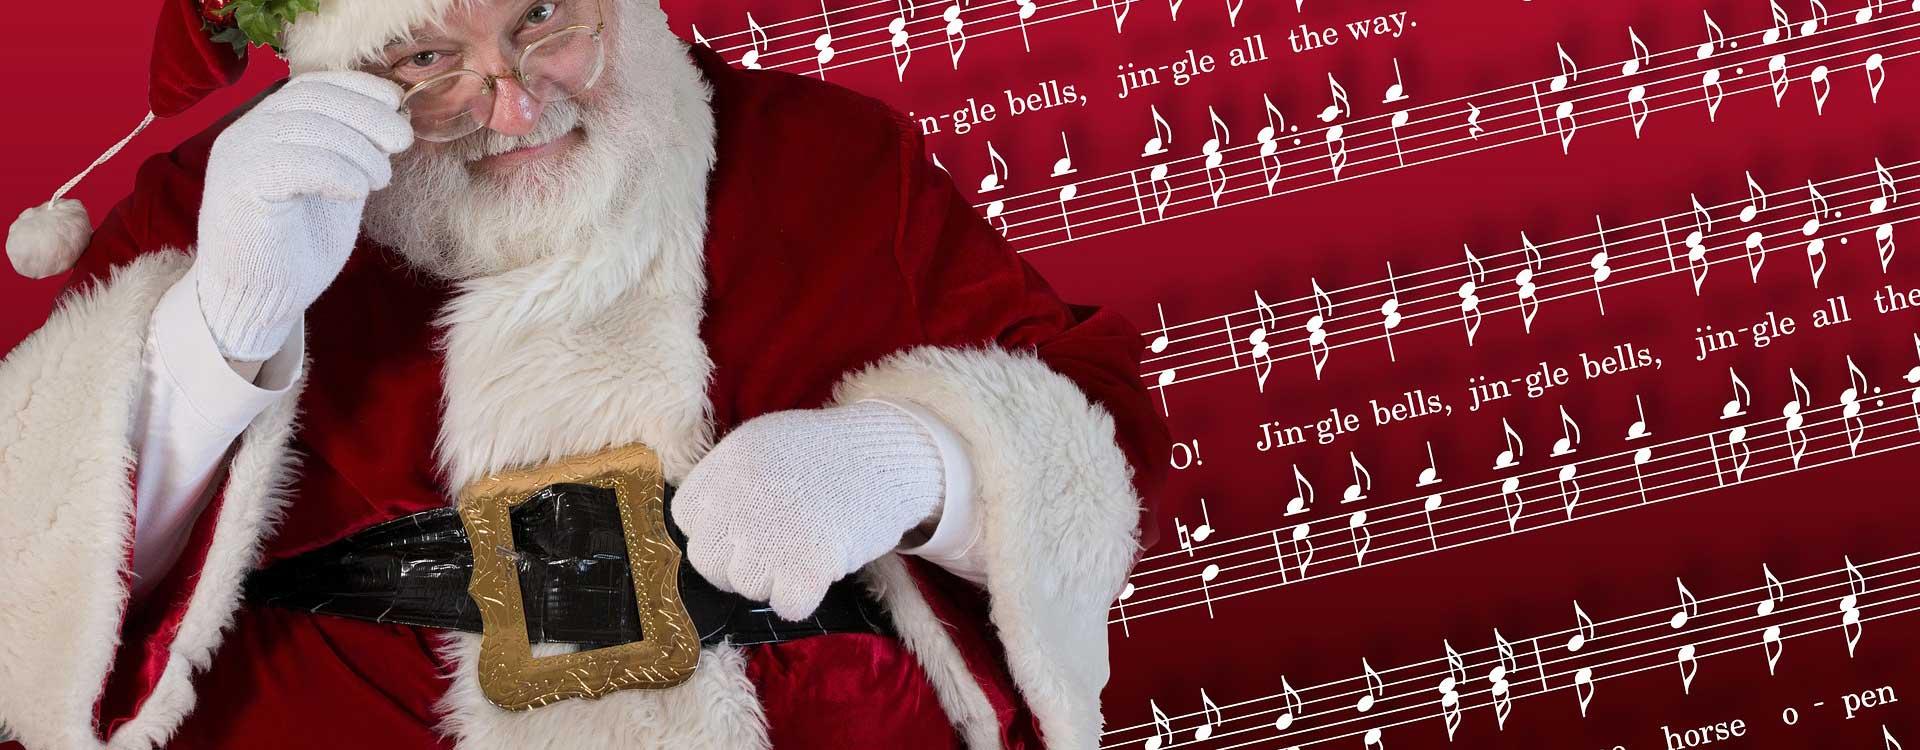 Nikolauslieder gemeinsam singen mit Kindern vor Weihnachten